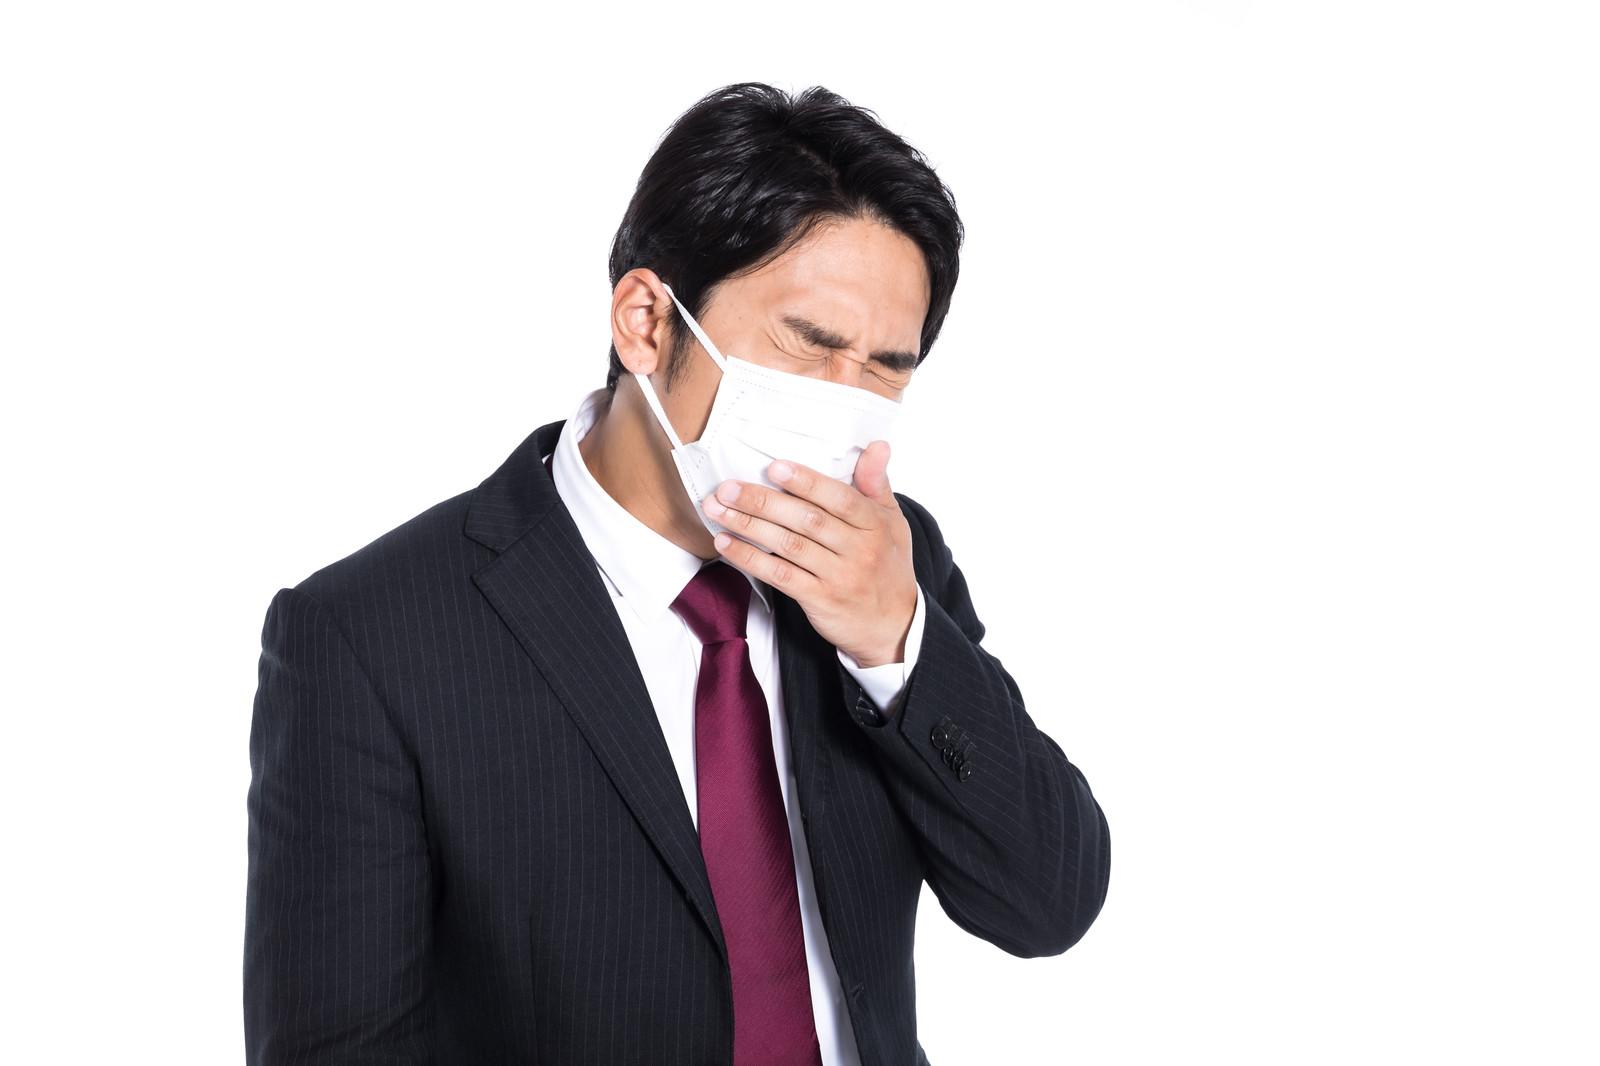 「咳をしてる人」の画像検索結果